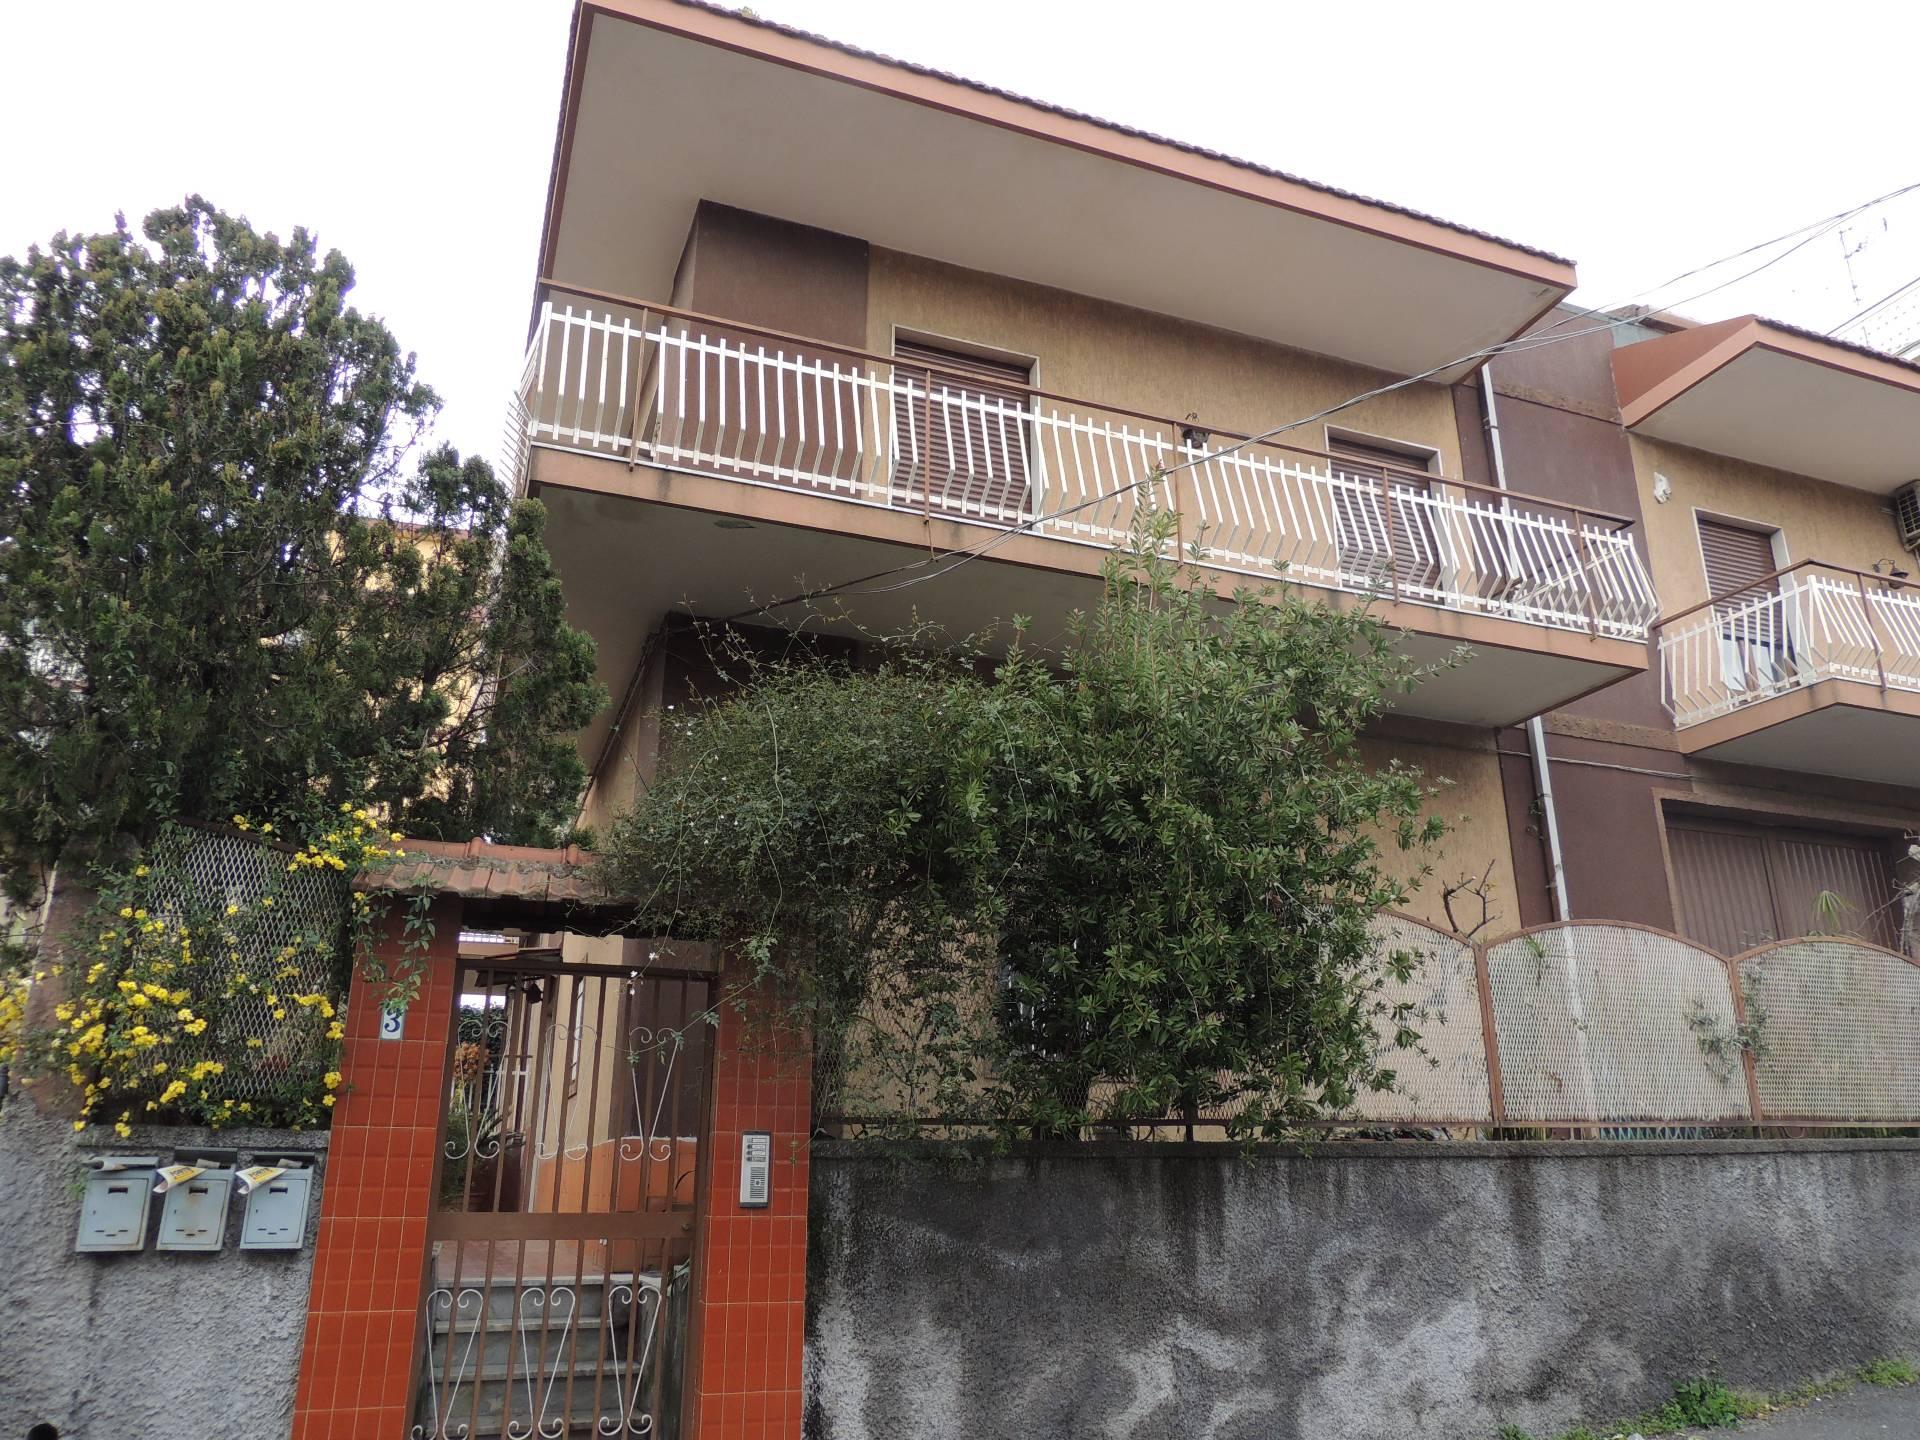 Appartamento in affitto a Gravina di Catania, 3 locali, zona Località: Fasano, prezzo € 420 | Cambio Casa.it